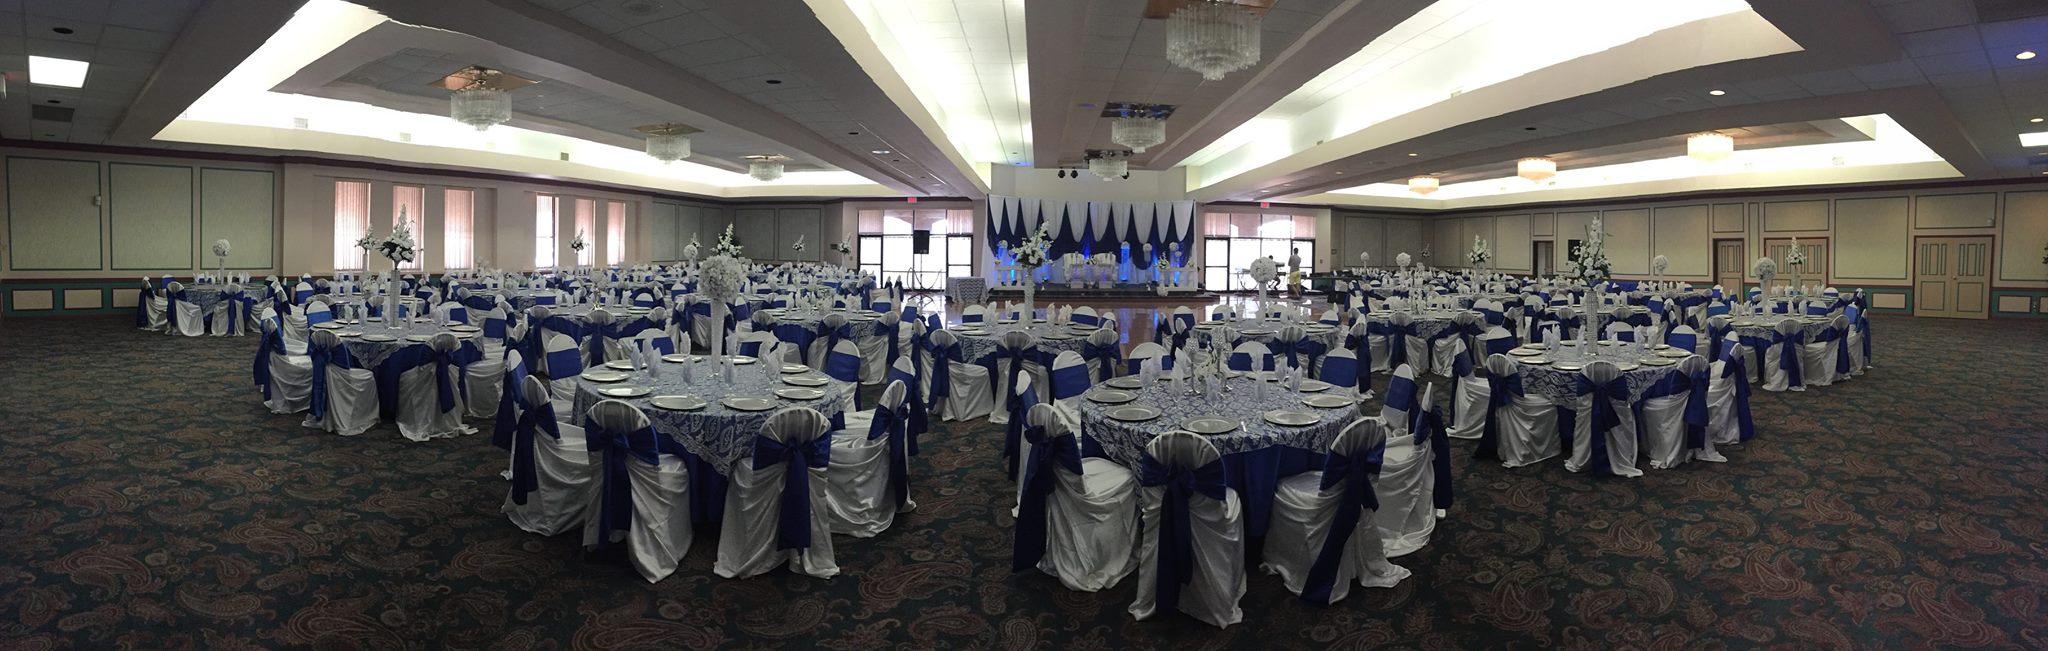 Decoraciones y manteler a para eventos decoraciones para - Decoraciones en color plata ...